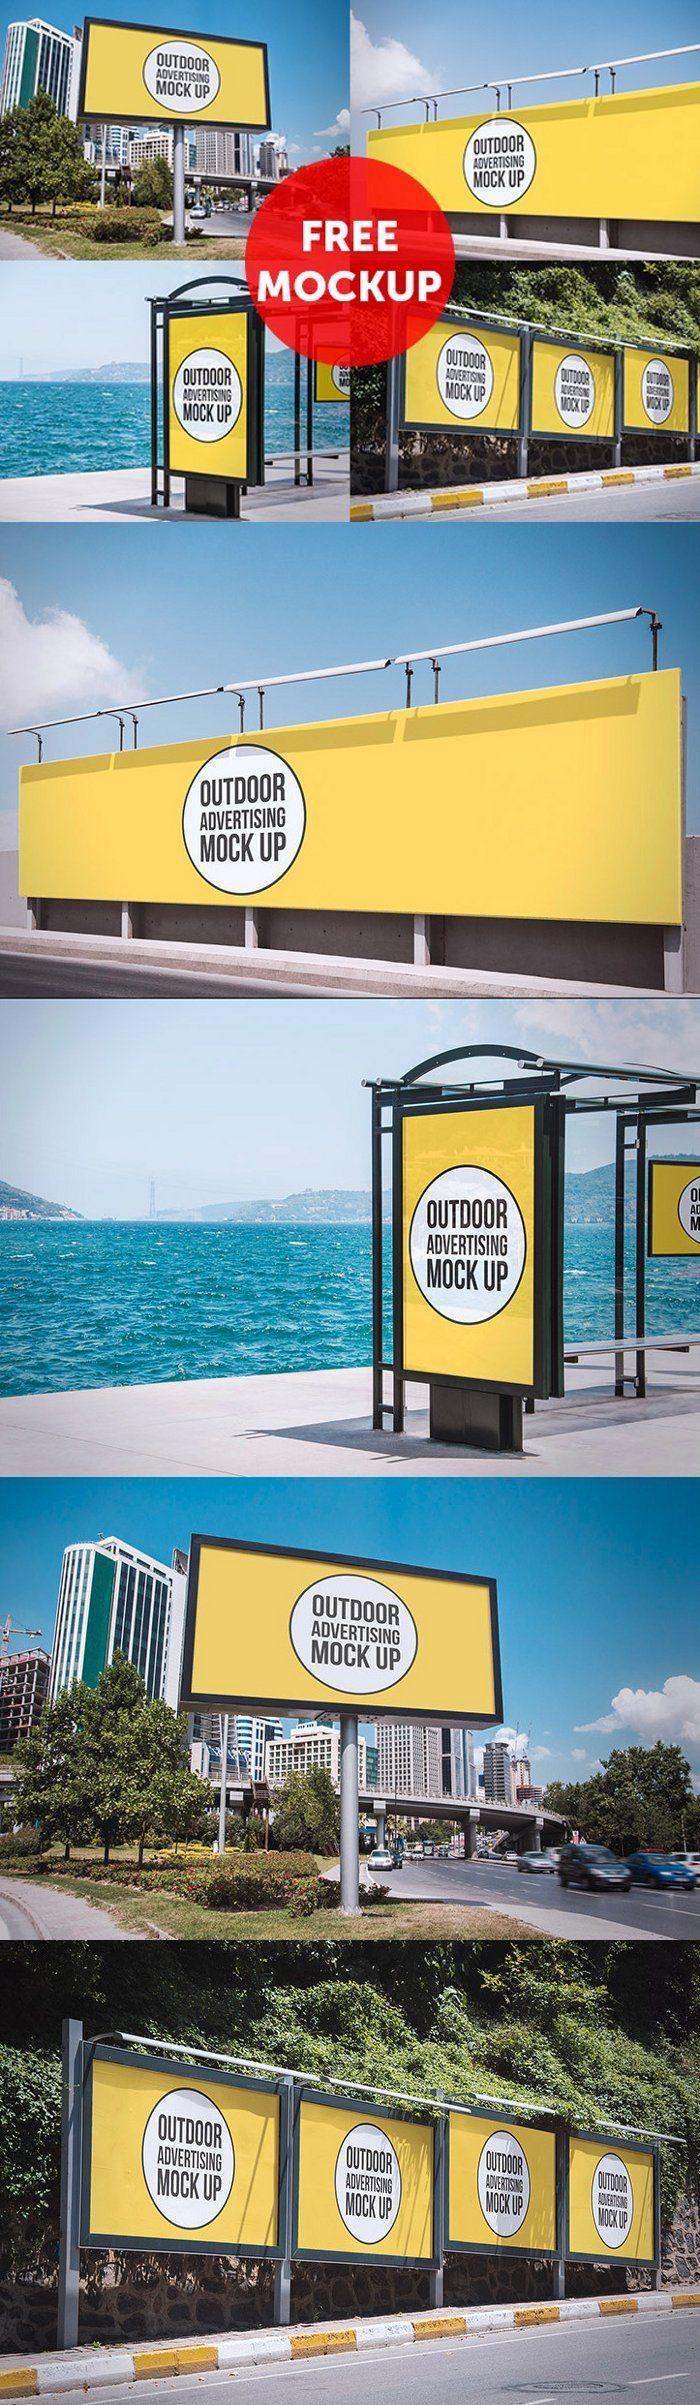 Free PSD: Outdoor Advertising Mockup by Mucahit Gayiran #mockup #psd